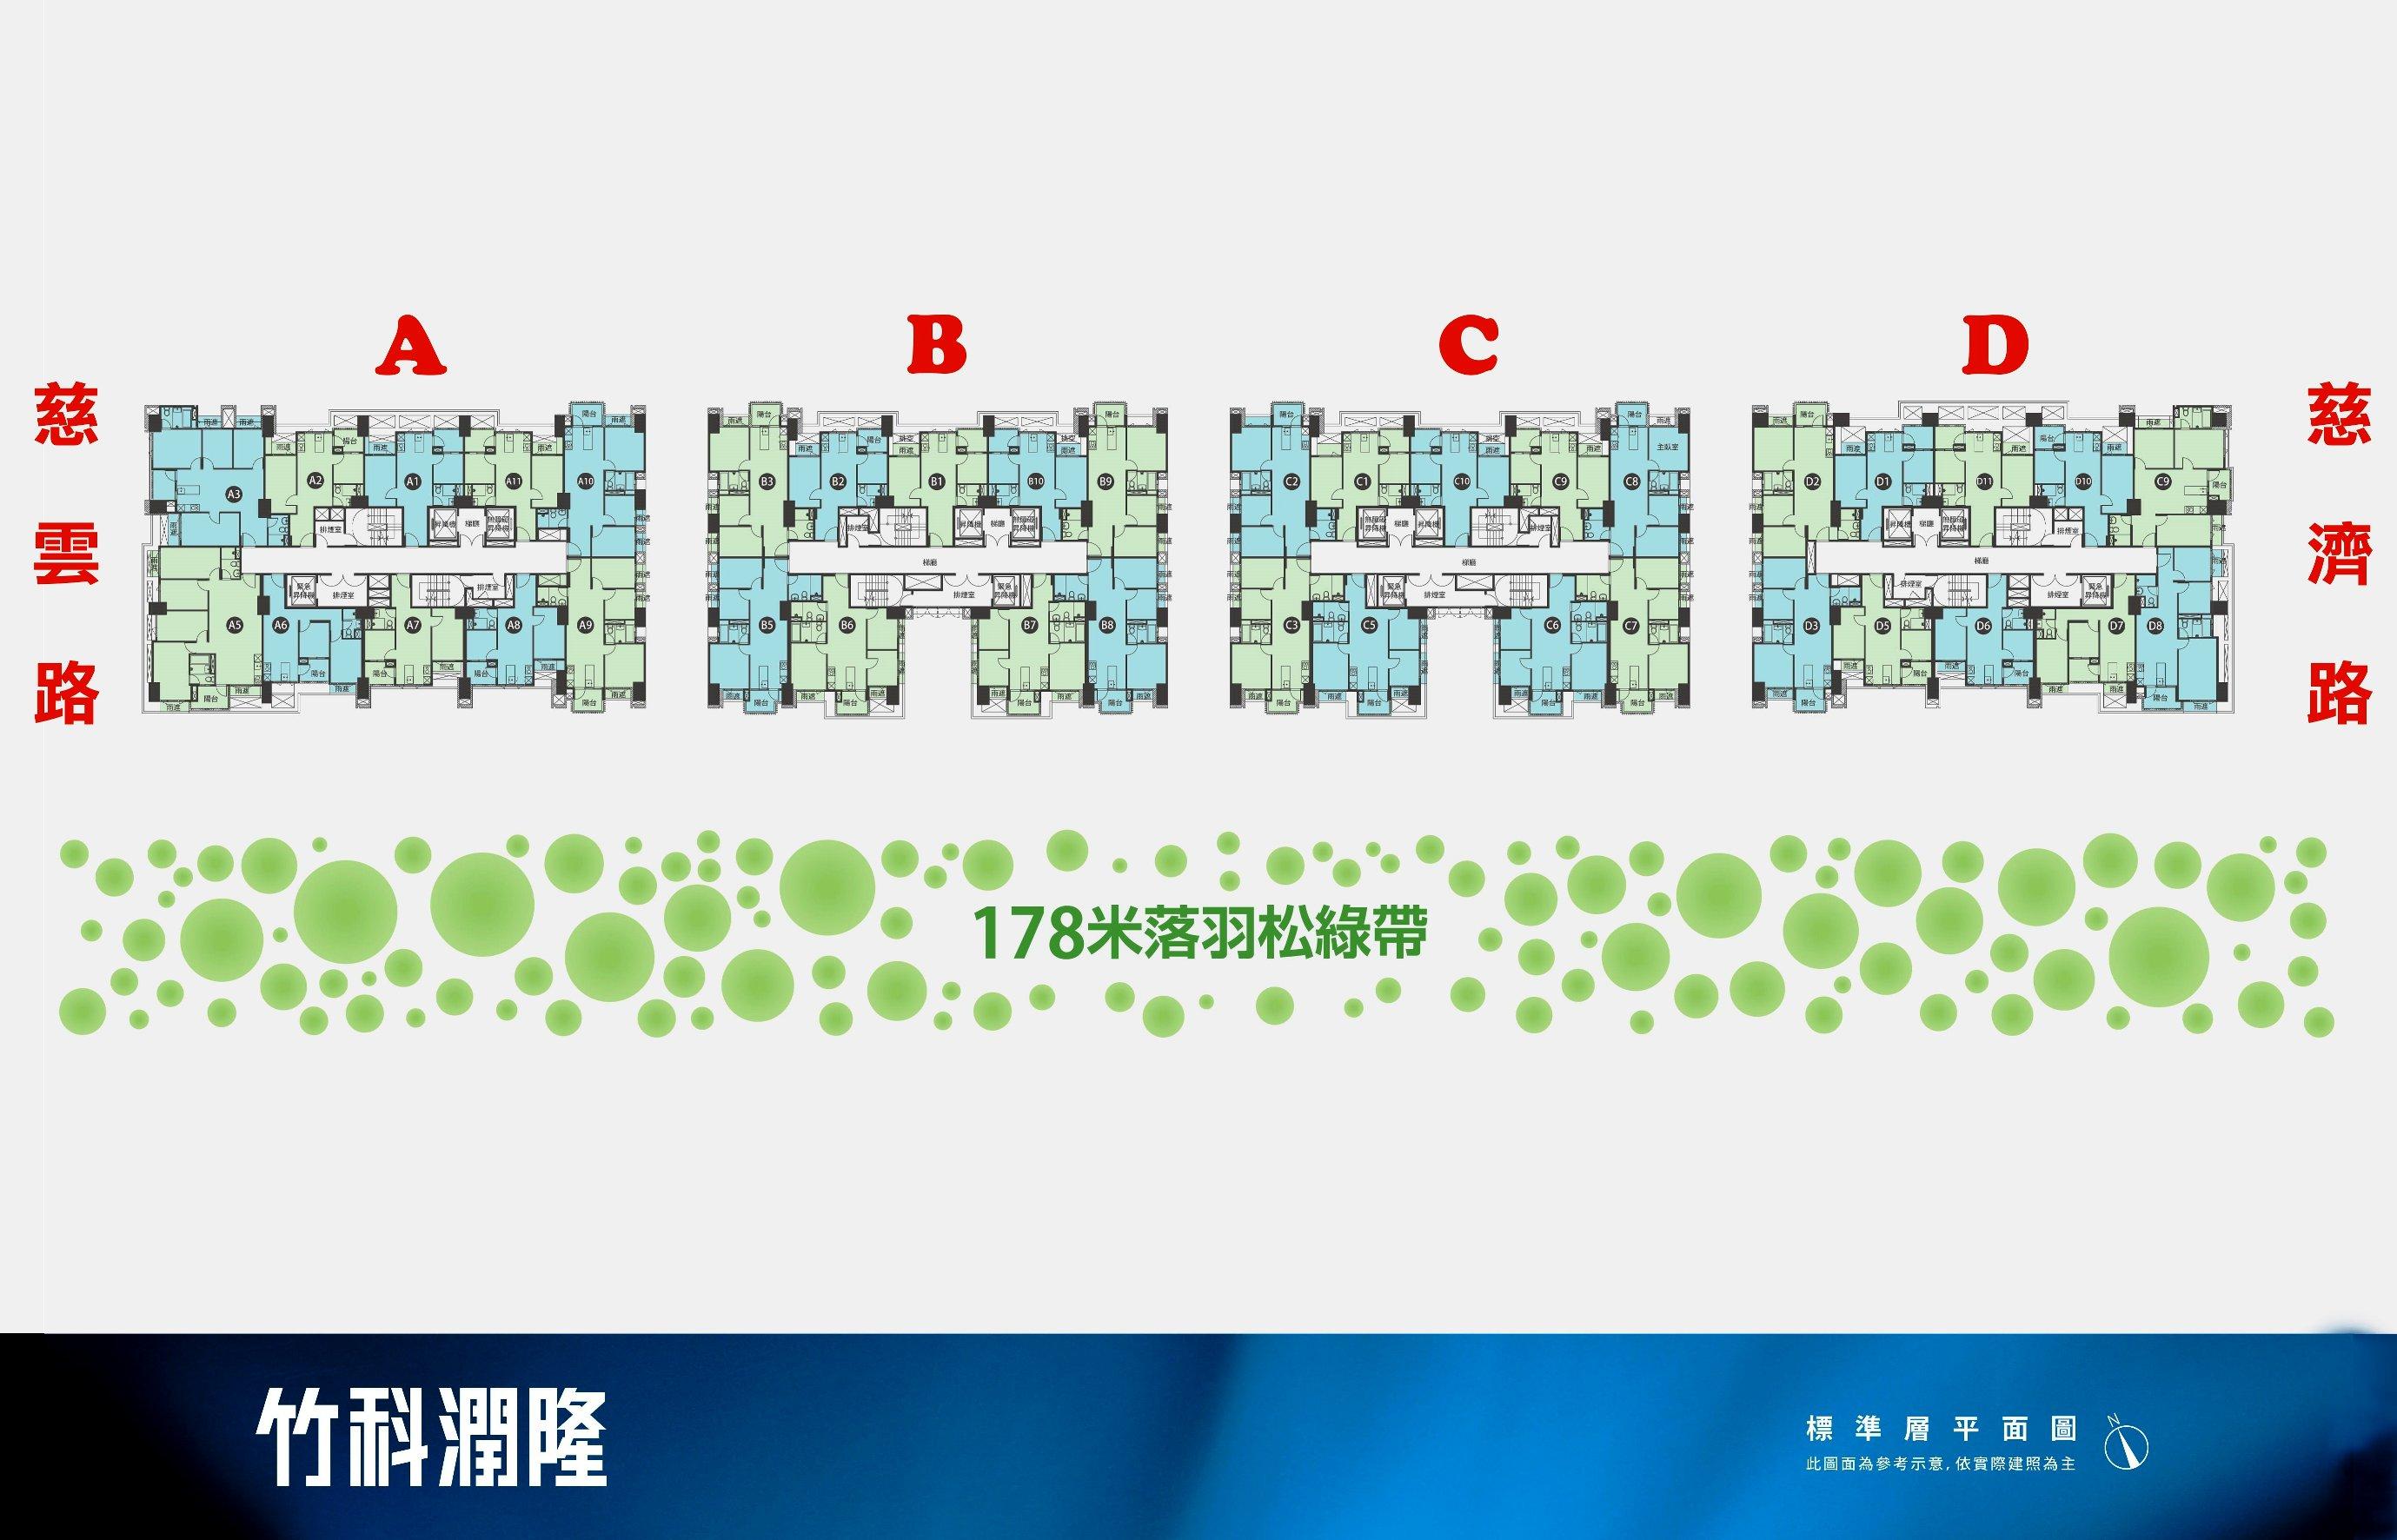 光埔竹科潤隆C7棟邊間三房平車高樓版- 0011159